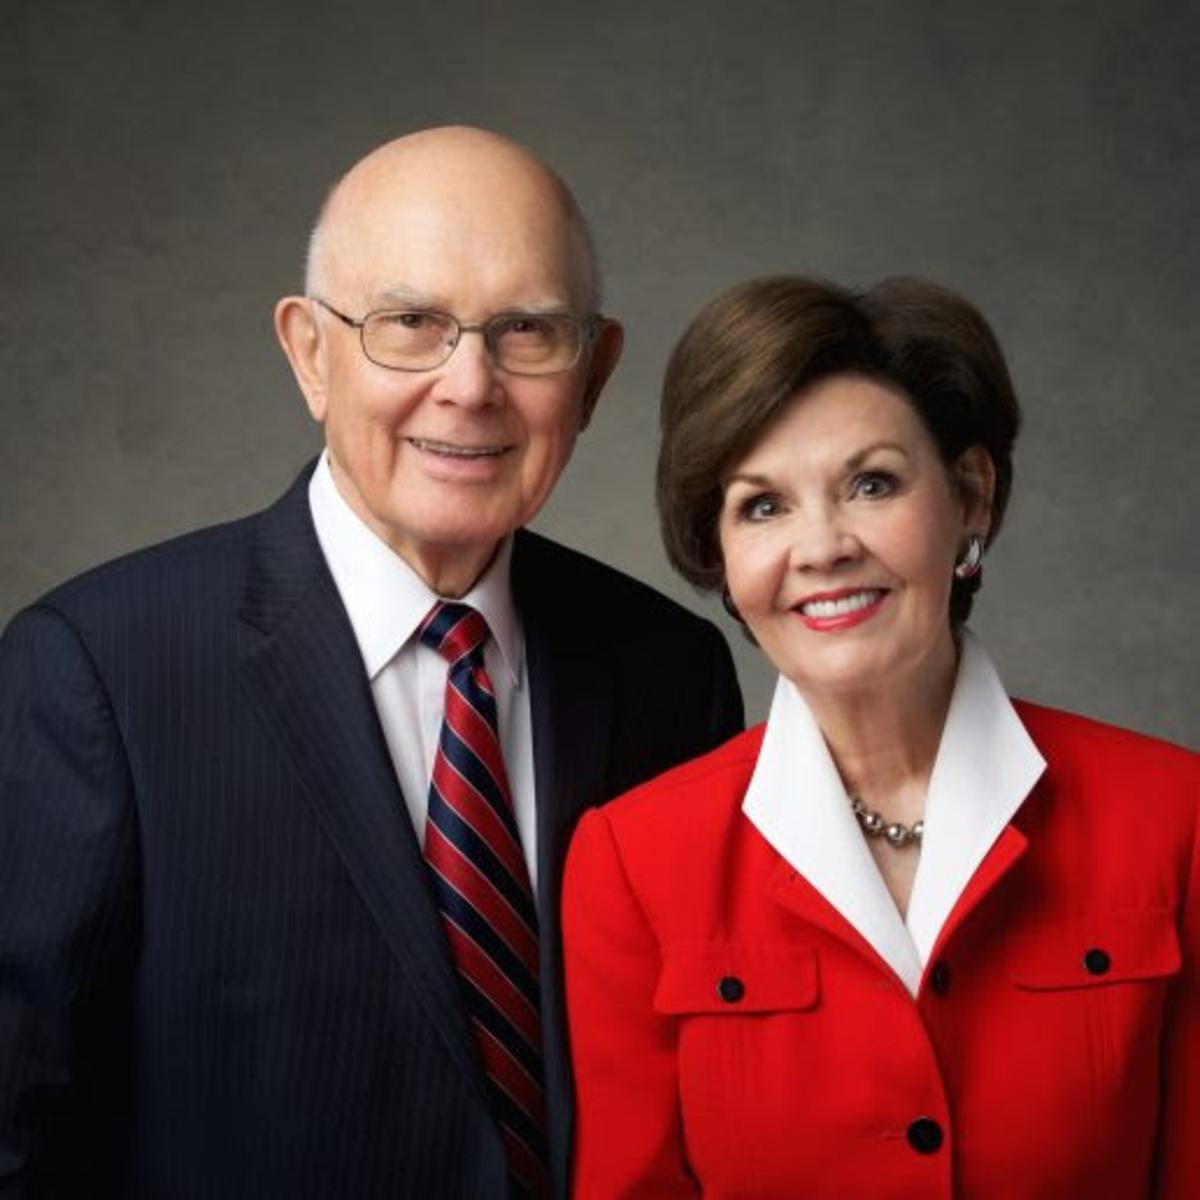 Präsident Dallin H. Oaks und Sister Okas planen, mit den Jugendlichen der Kirche über Ideen zu sprechen, wie man darin erfolgreich darin wird, mehr wie Christus zu werden.